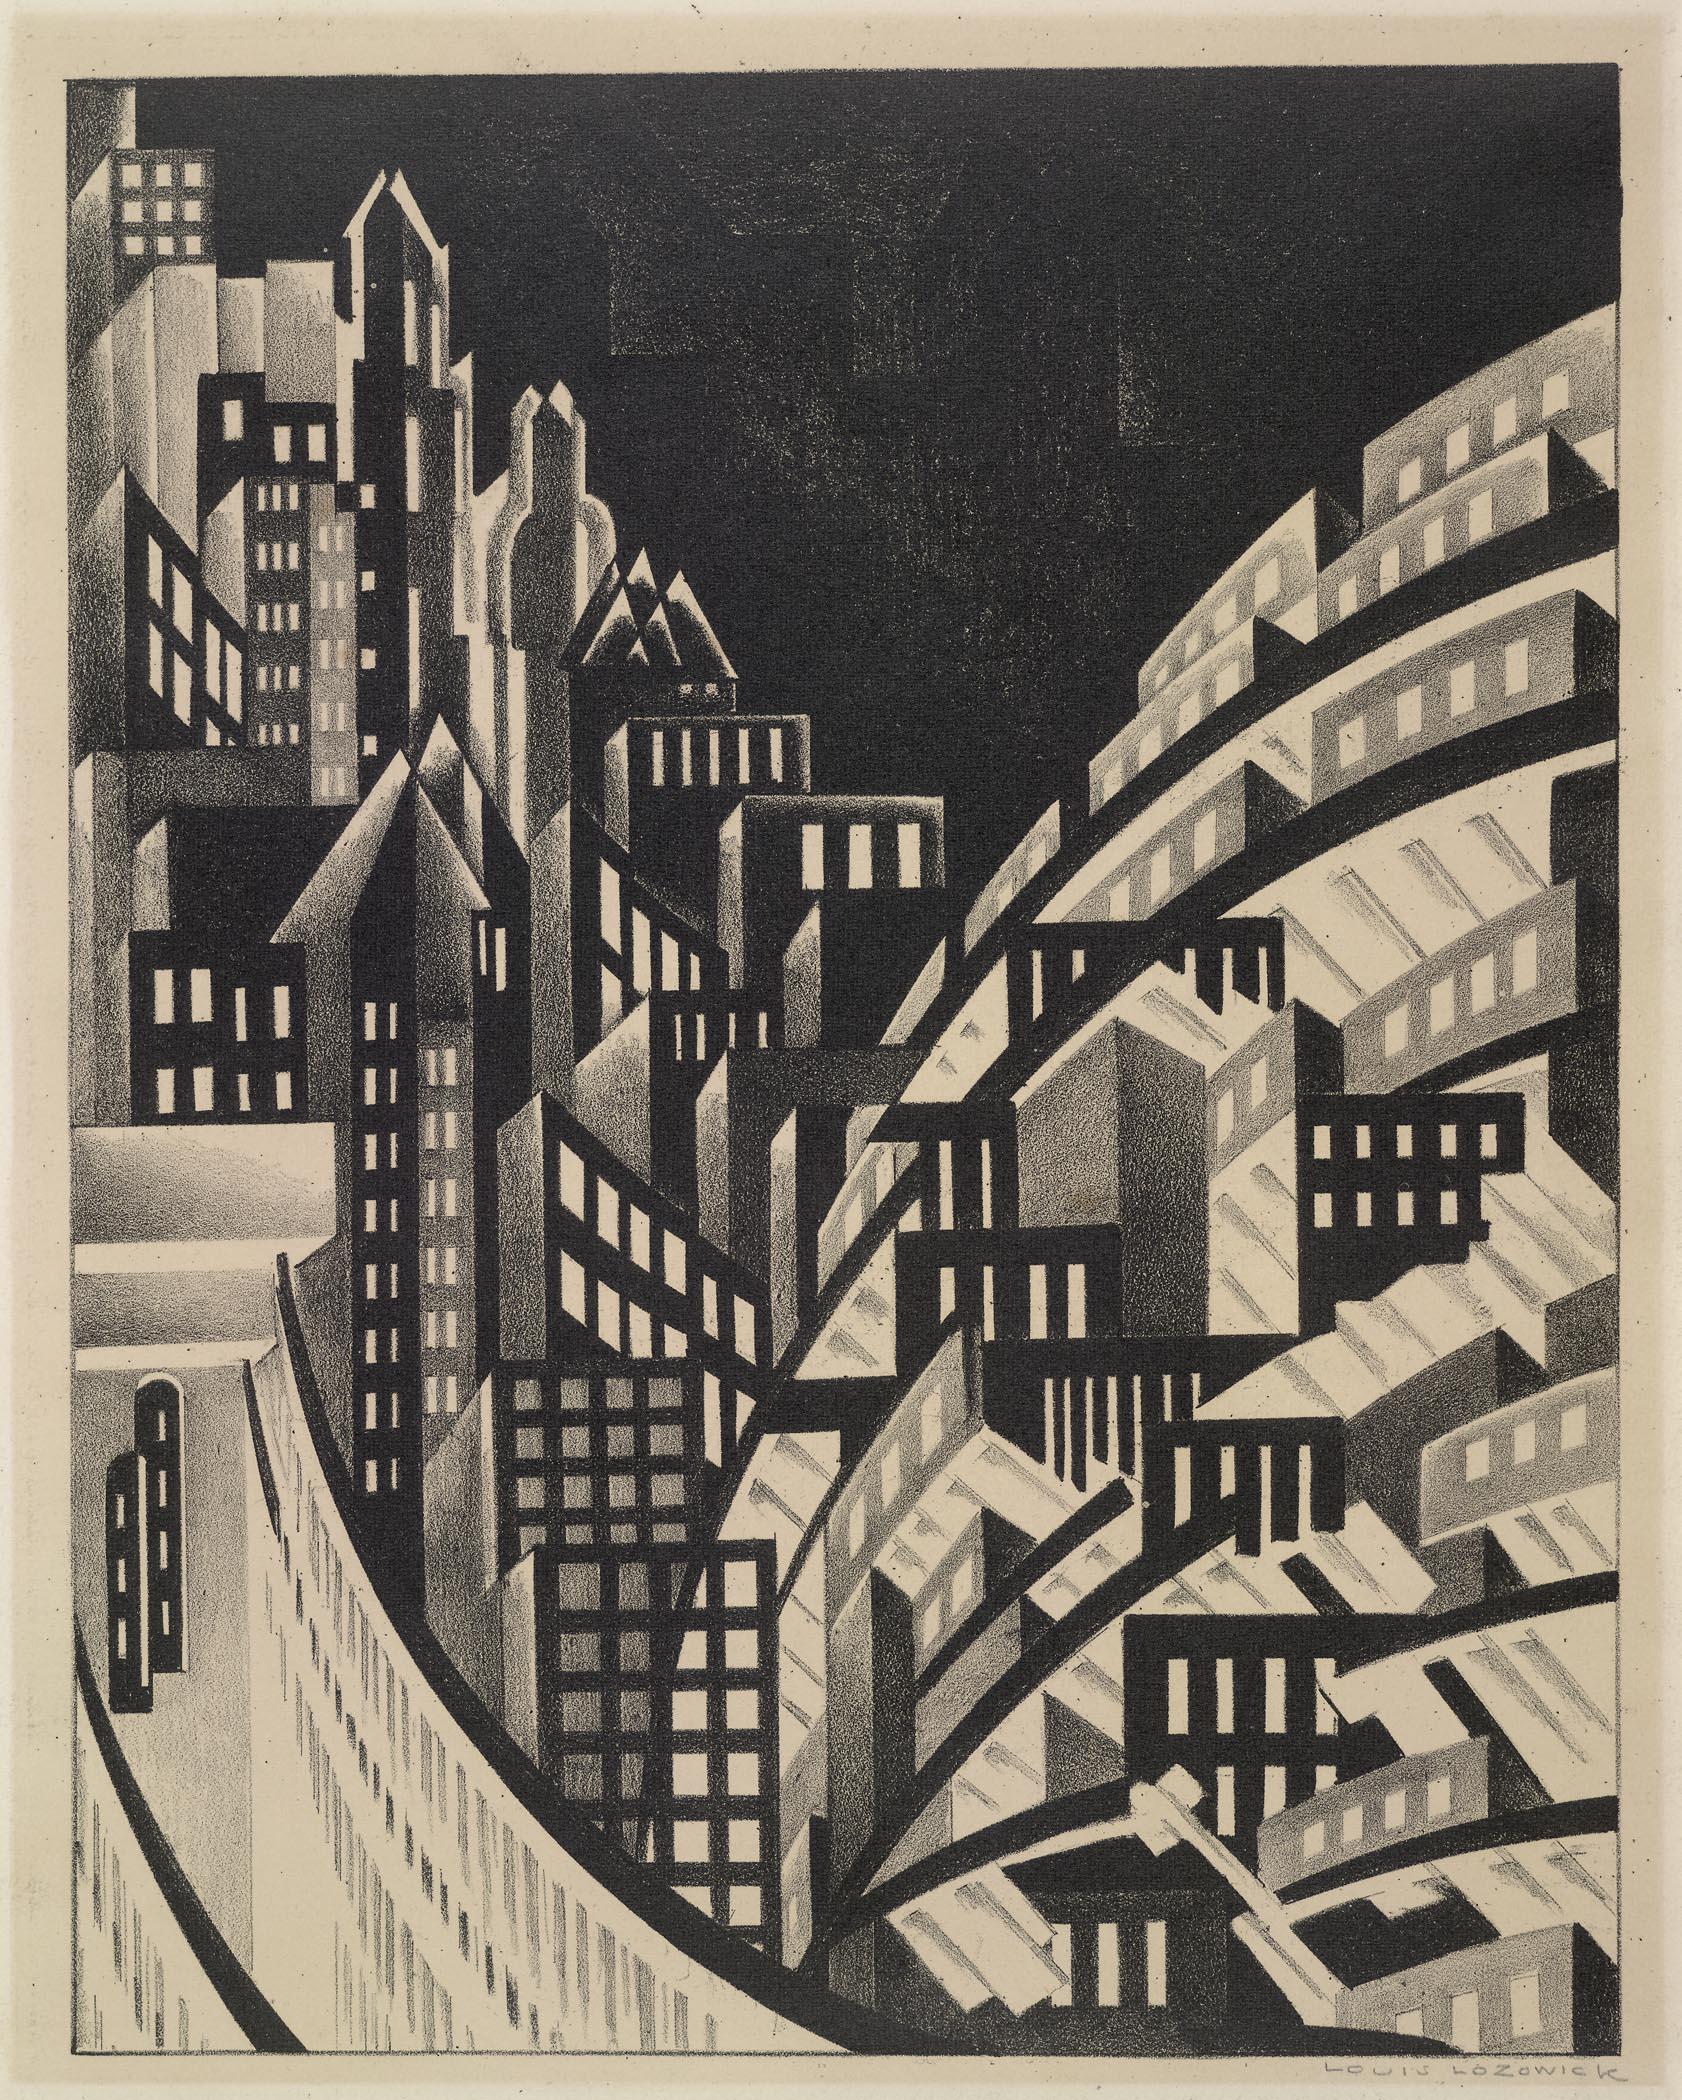 Louis Lozowick, New York, 1925 lithograph